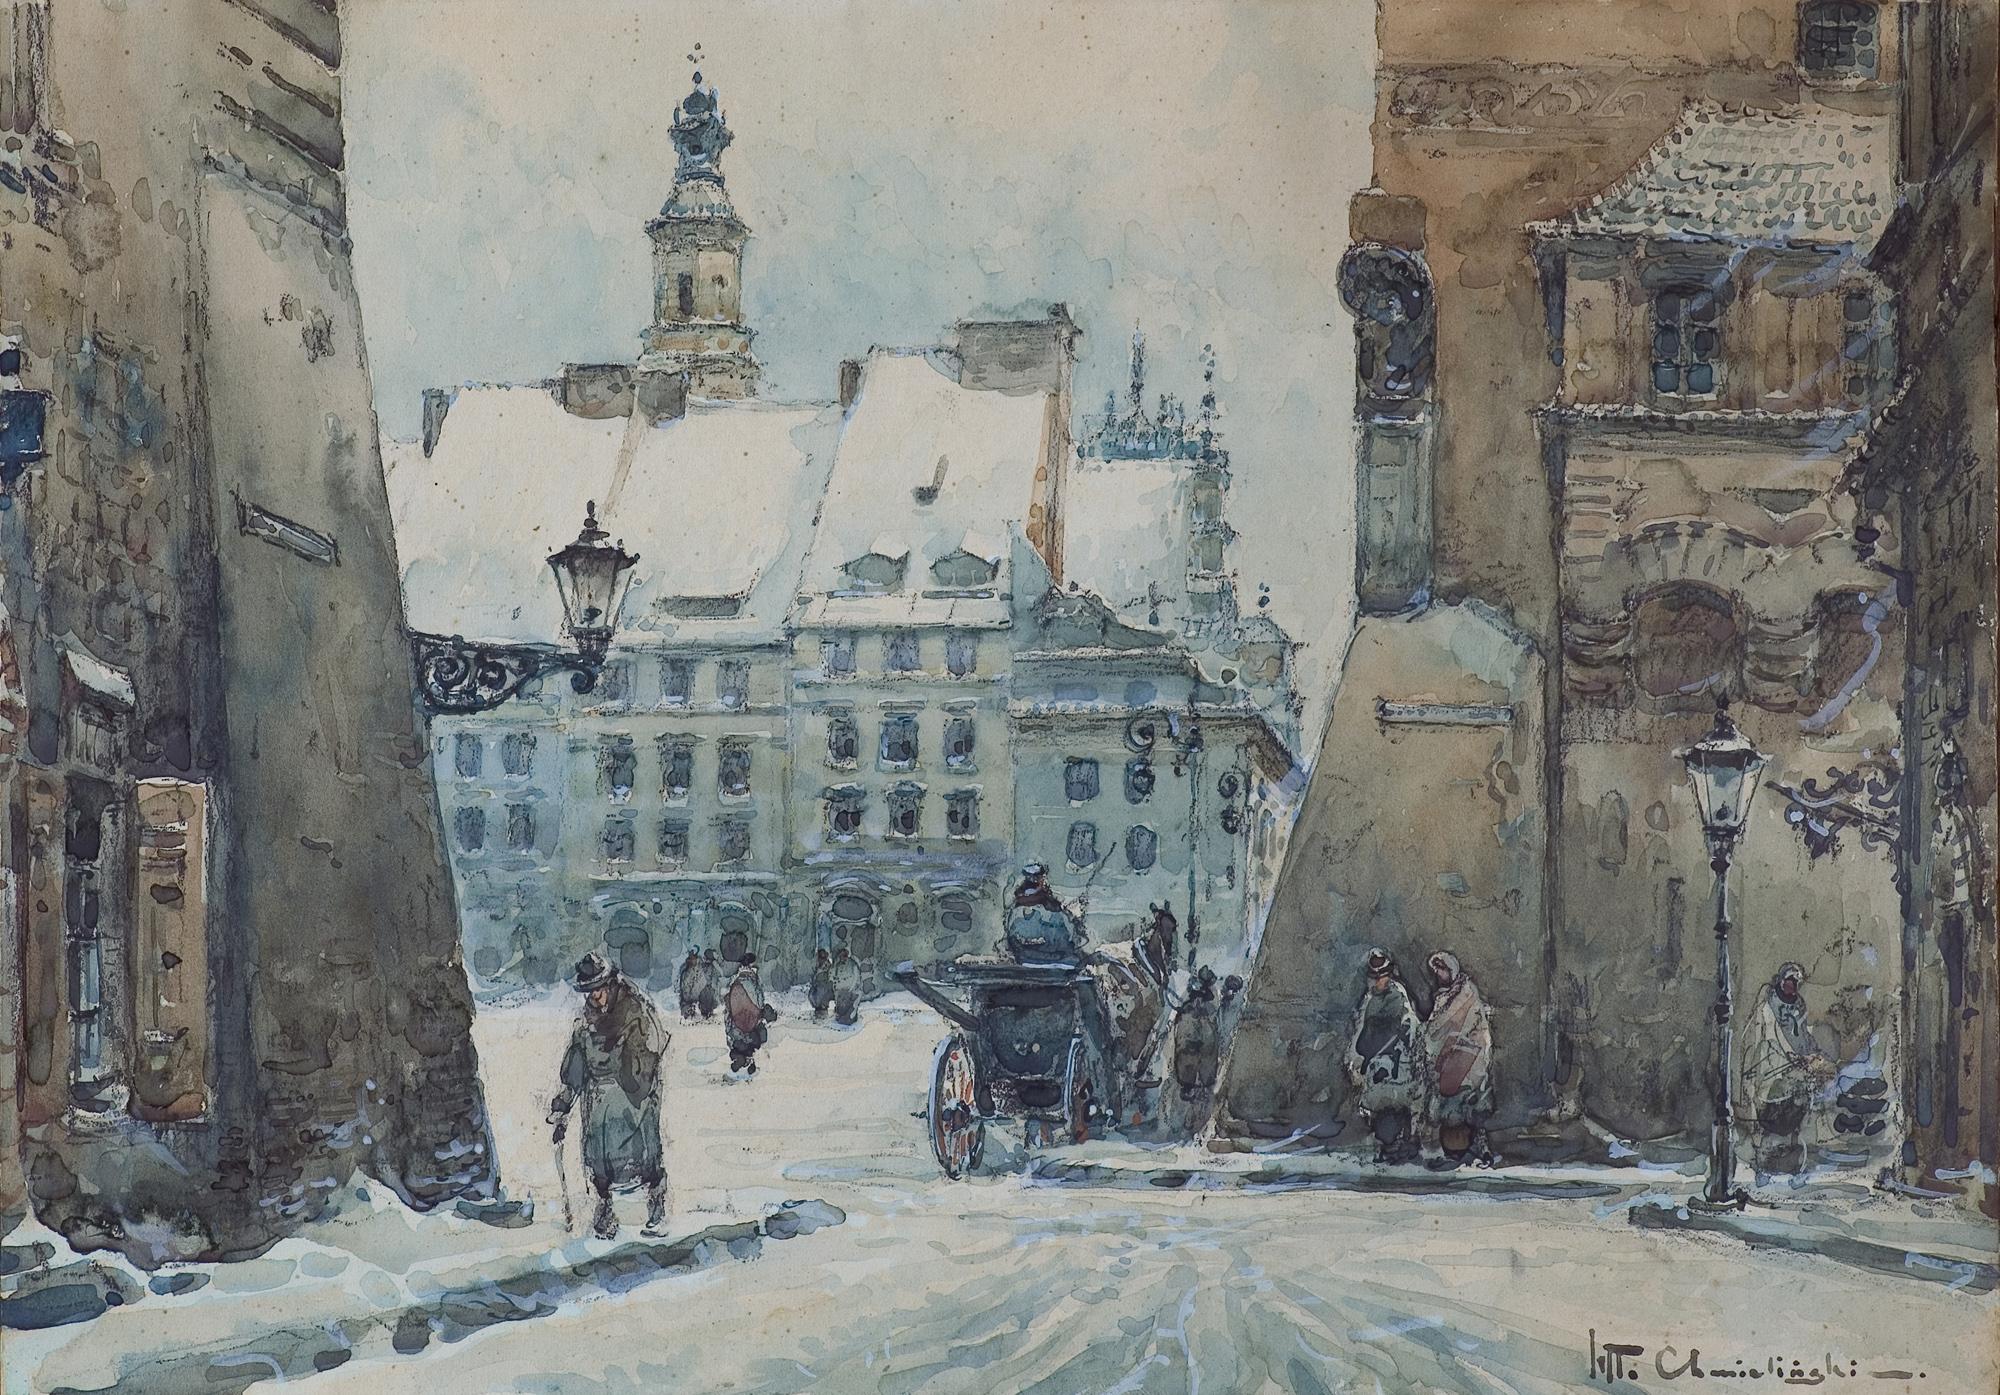 WIDOK RYNKU STAREGO MIASTA, PRZED 1947